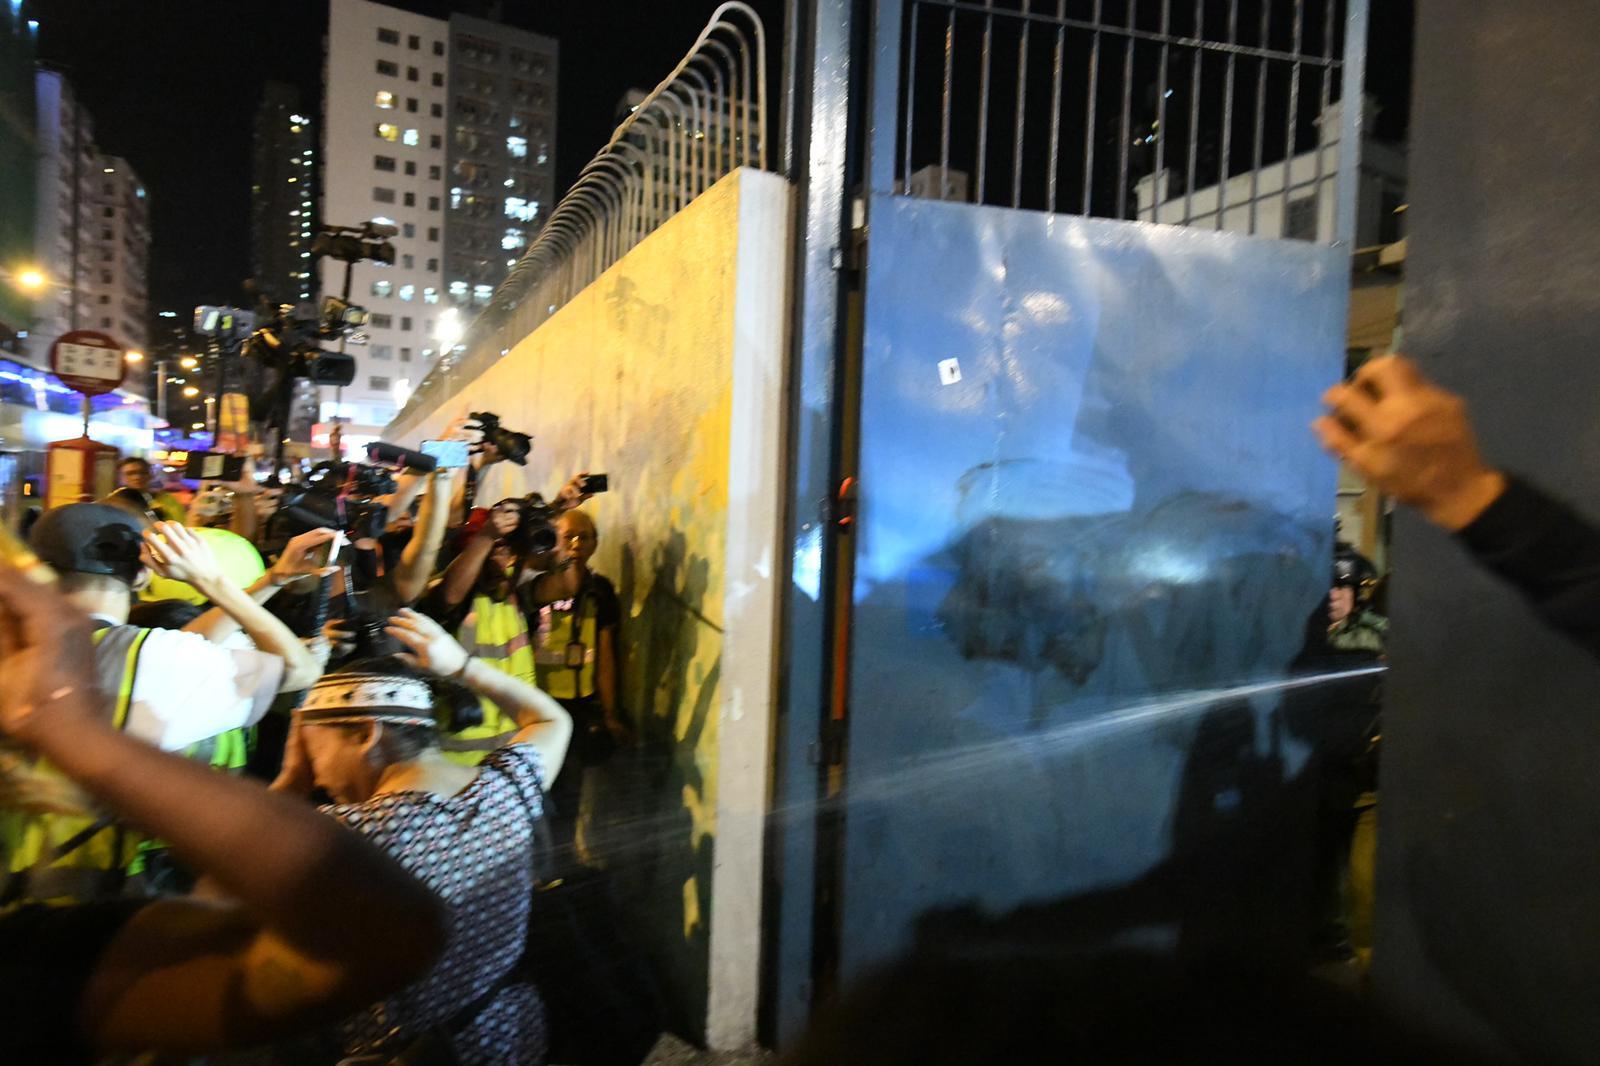 警員突然在閘內向外邊射胡椒噴。